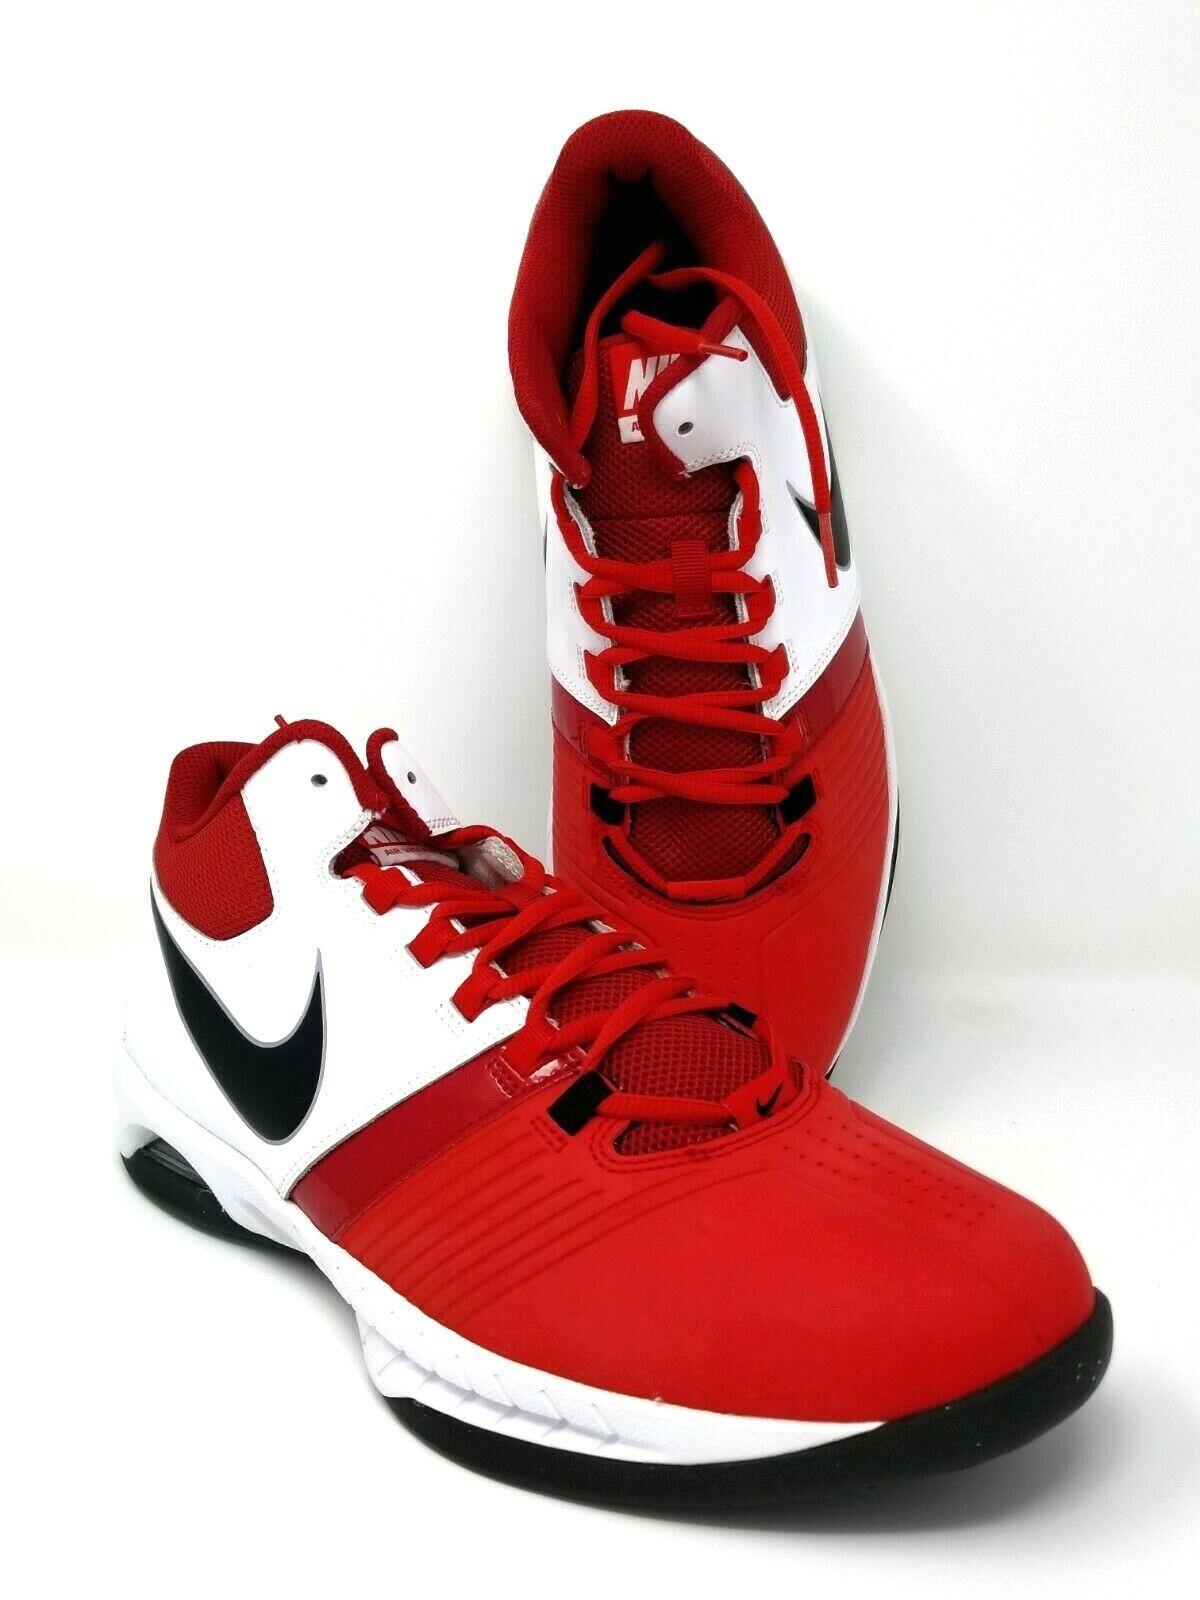 hombres NIKE VISI PRO V Tamaño 12.5 AIR Zapatos De Baloncesto blancoo Rojo 653656